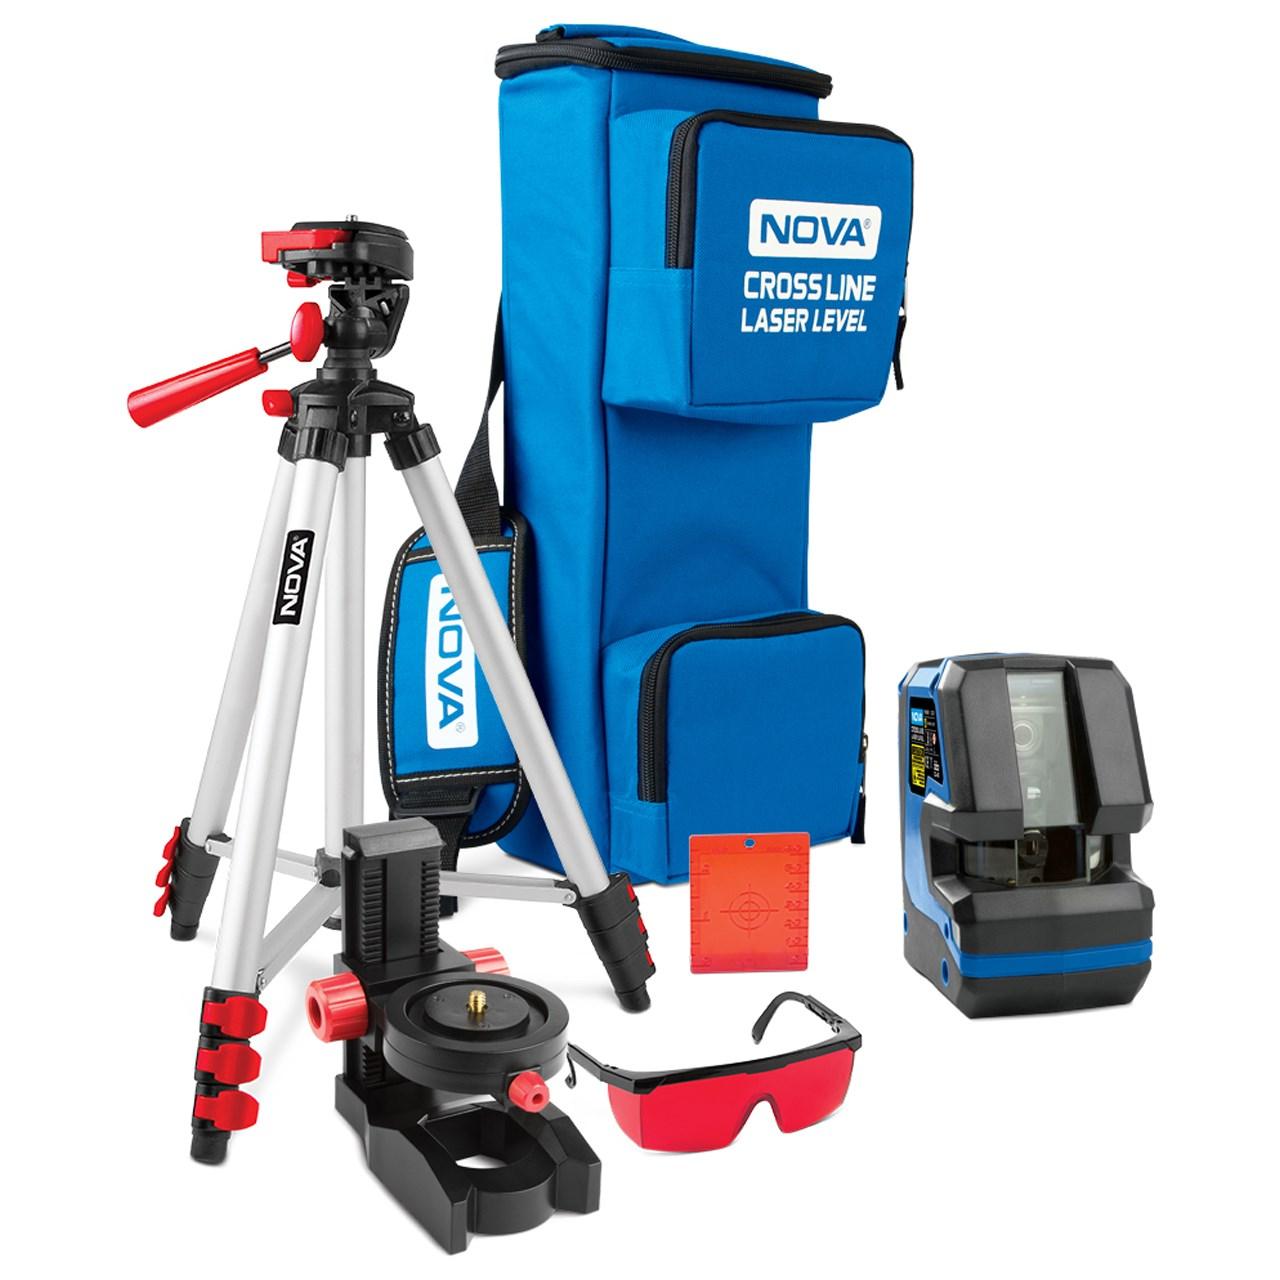 قیمت مجموعه تراز لیزری نووا مدل NTL-2662